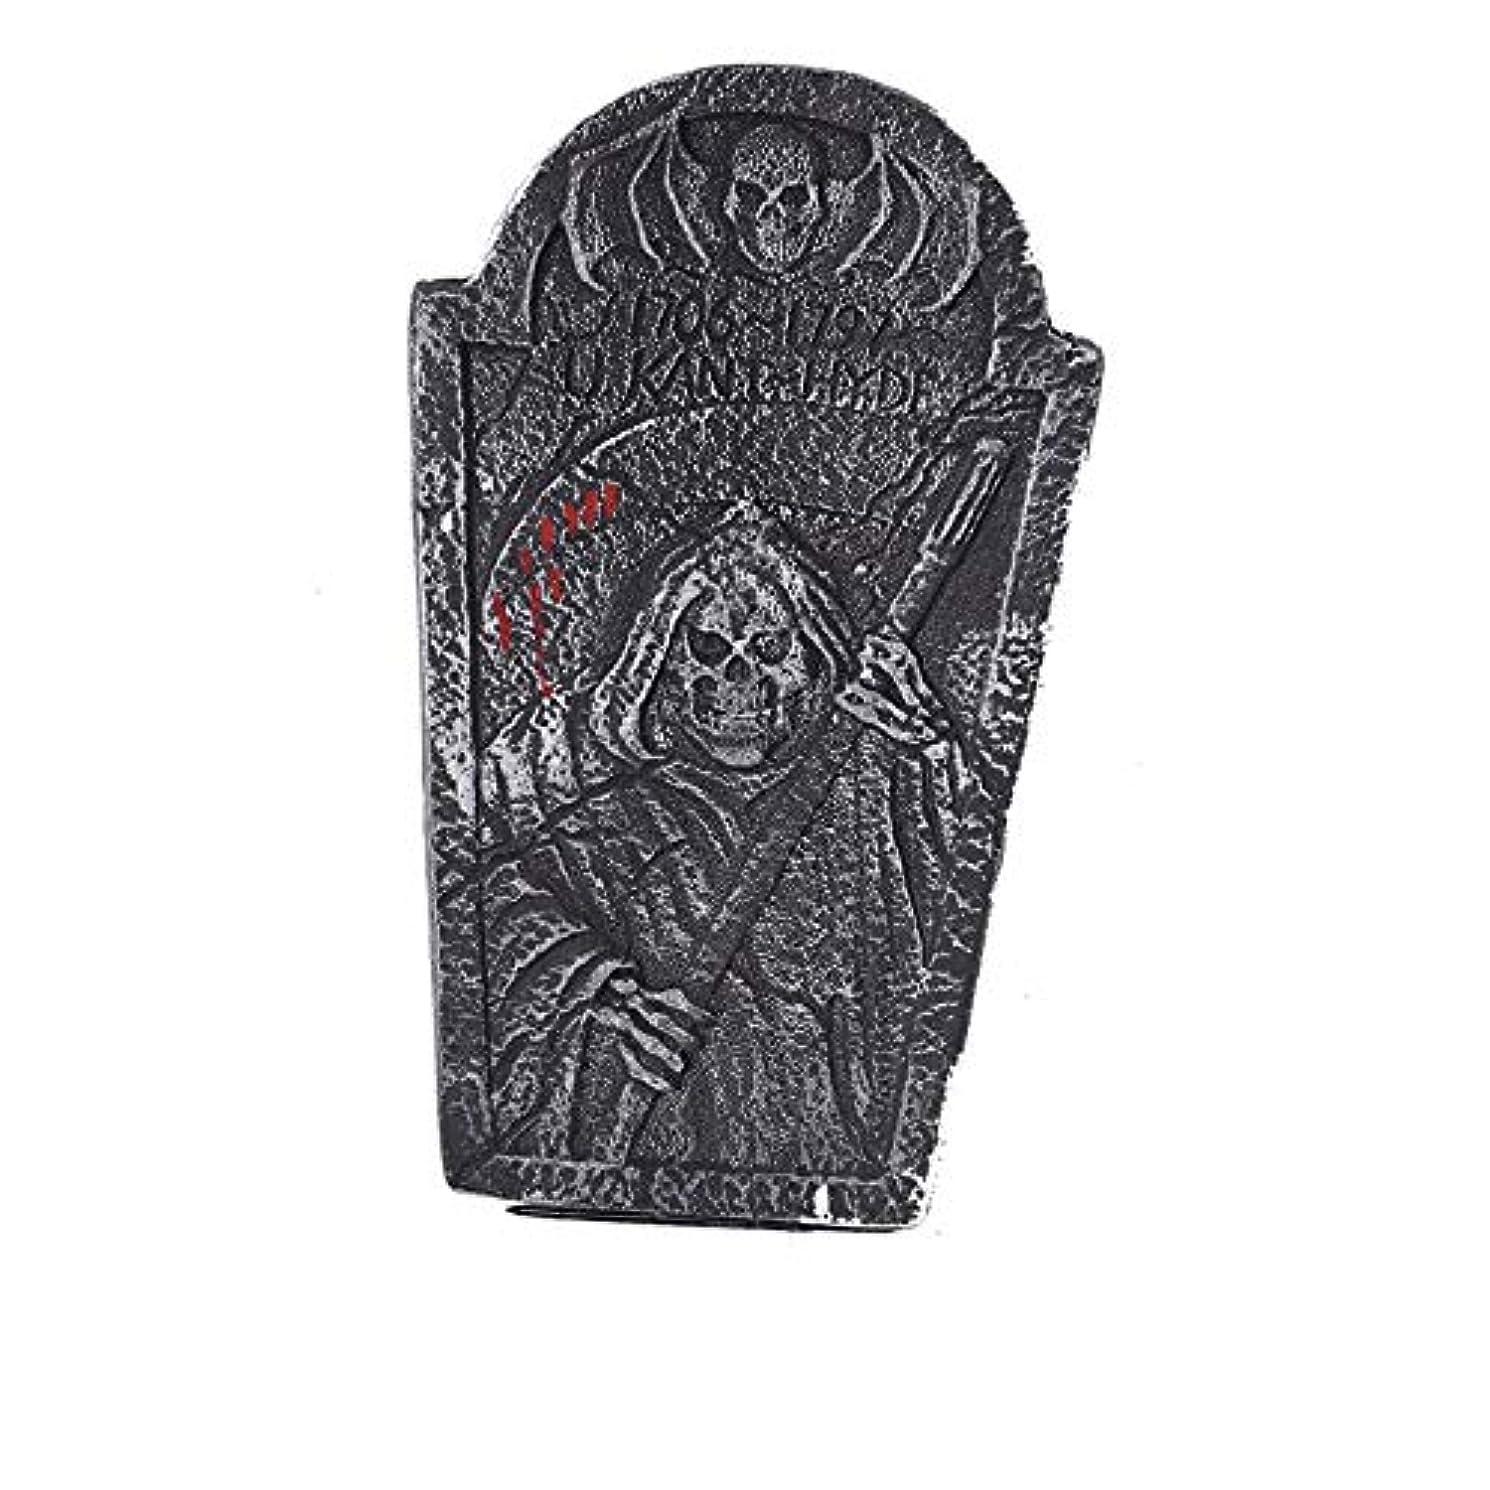 タール先行する知るETRRUU HOME ハロウィーン墓石お化け屋敷バー装飾秘密の部屋タトゥーショップホラースカル装飾写真の小道具